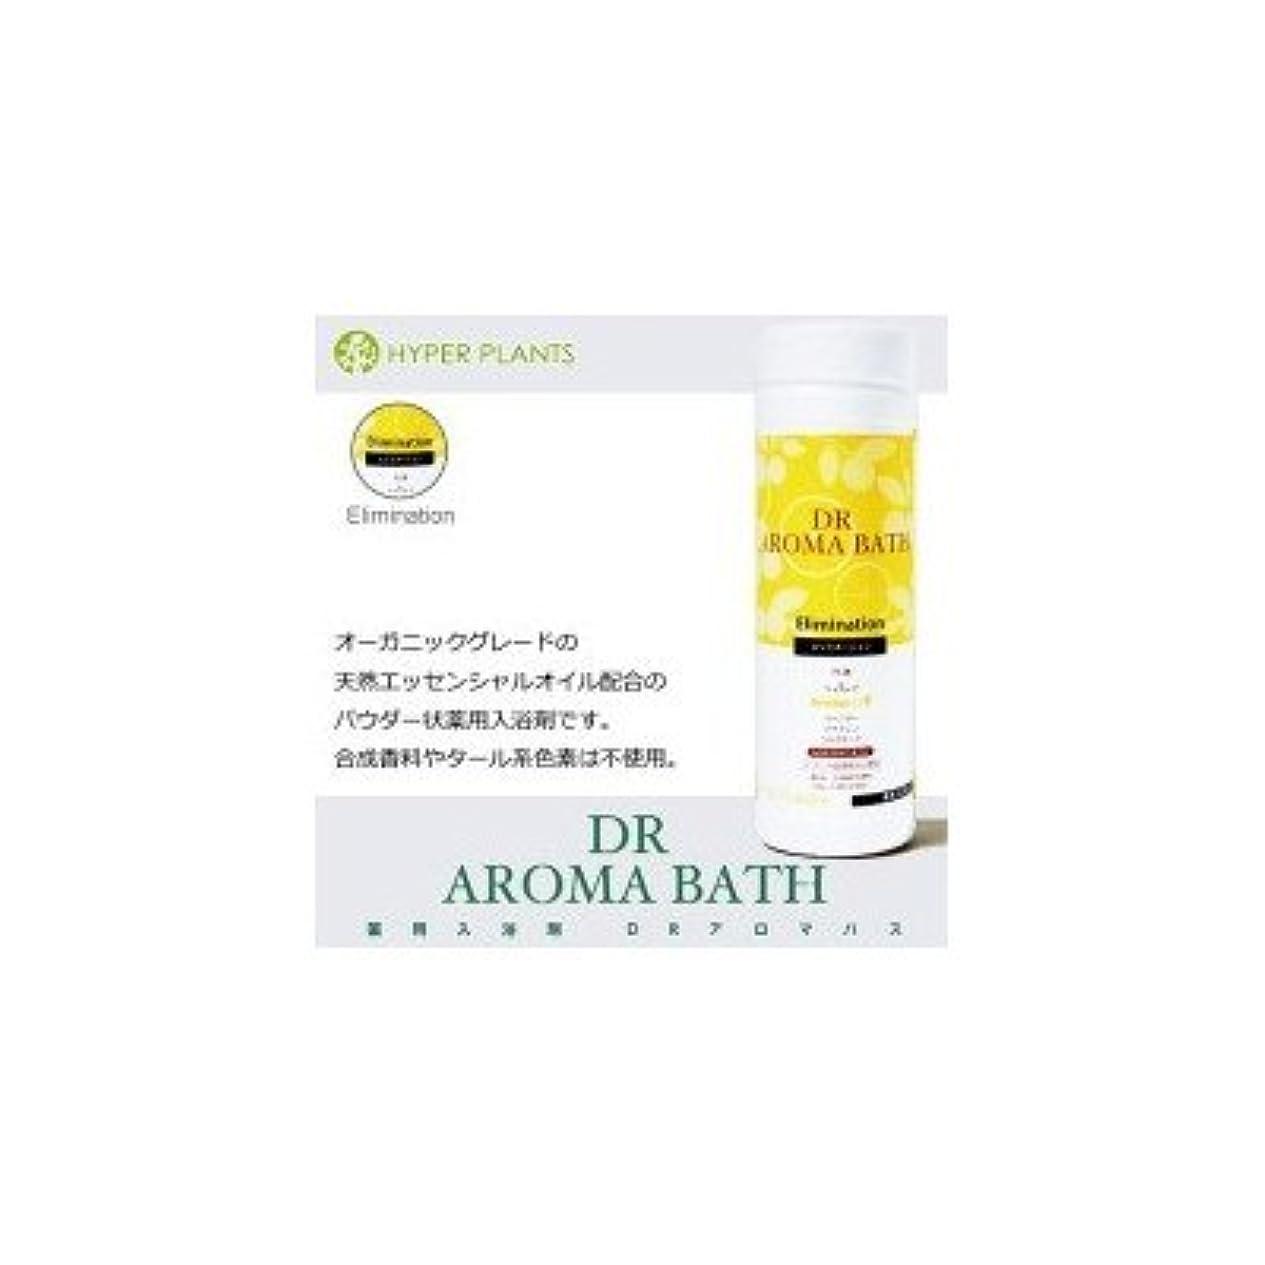 ジュース海里魅力医薬部外品 薬用入浴剤 ハイパープランツ(HYPER PLANTS) DRアロマバス エリミネーション 500g HNB006